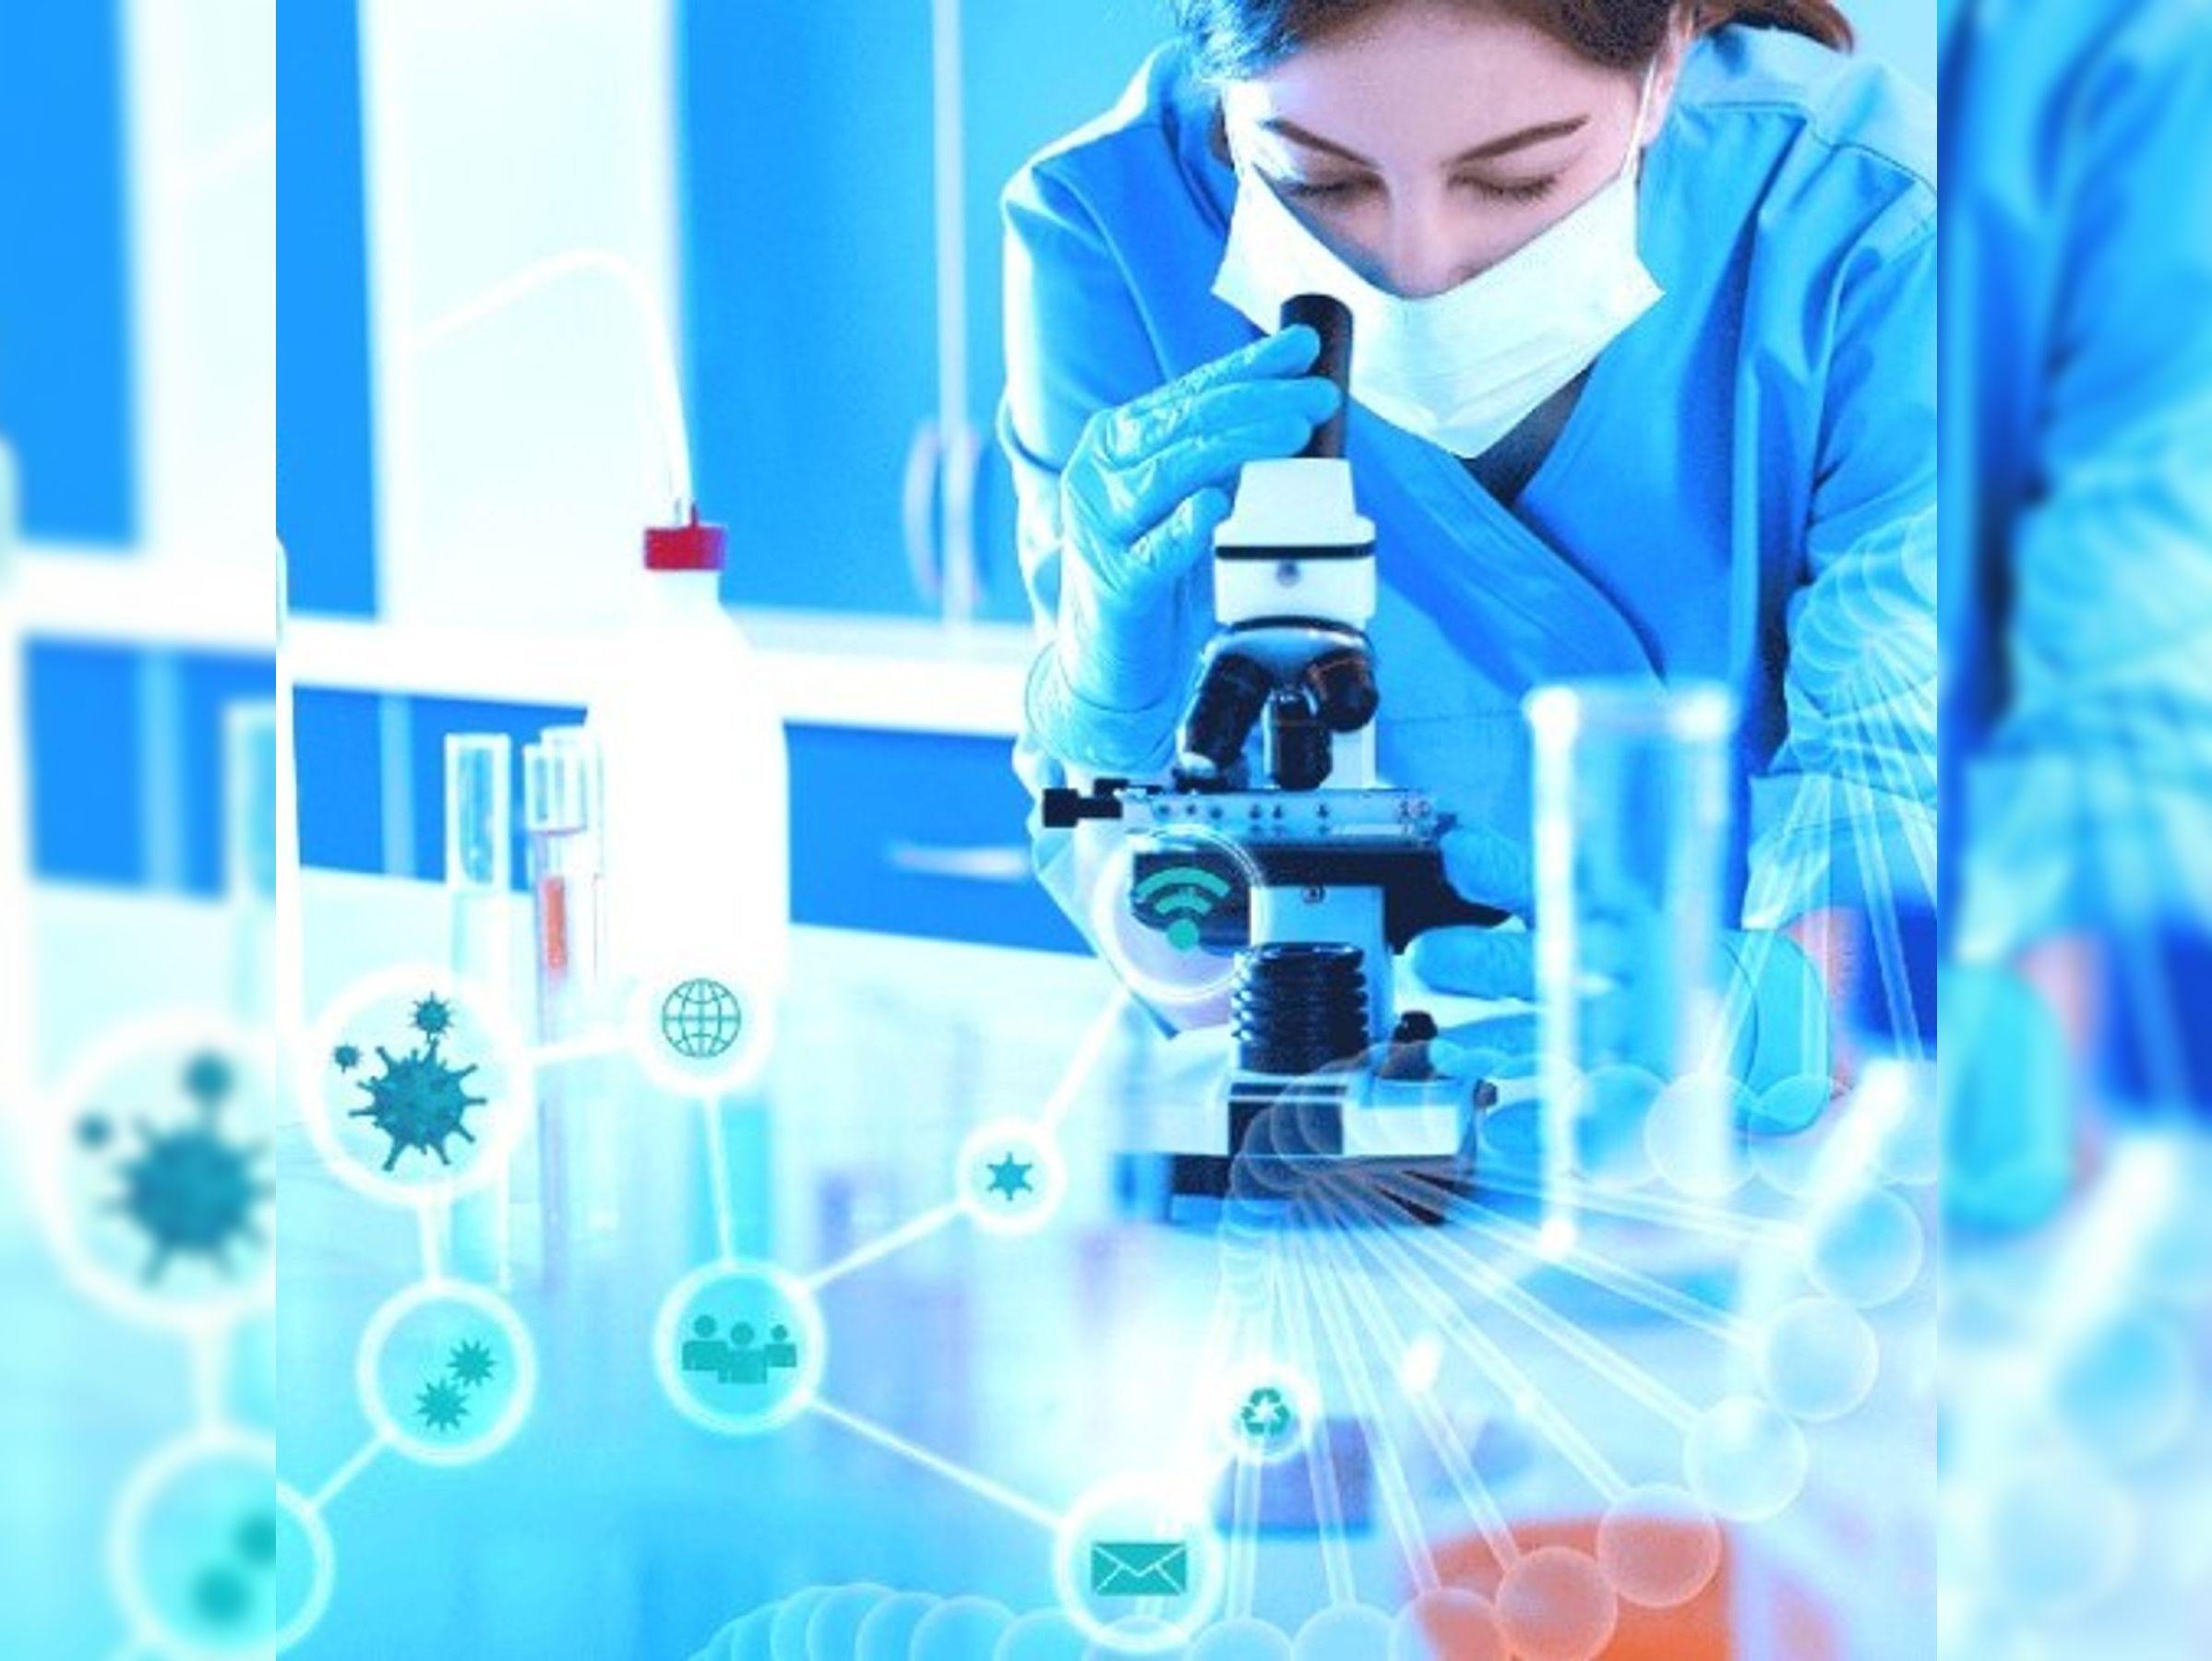 स्वास्थ्य विभाग ने पं. जवाहरलाल नेहरु मेडिकल कॉलेज में जीनोम सिक्वेंसिंग लैब चालू करने की प्लानिंग कर ली है। - Dainik Bhaskar